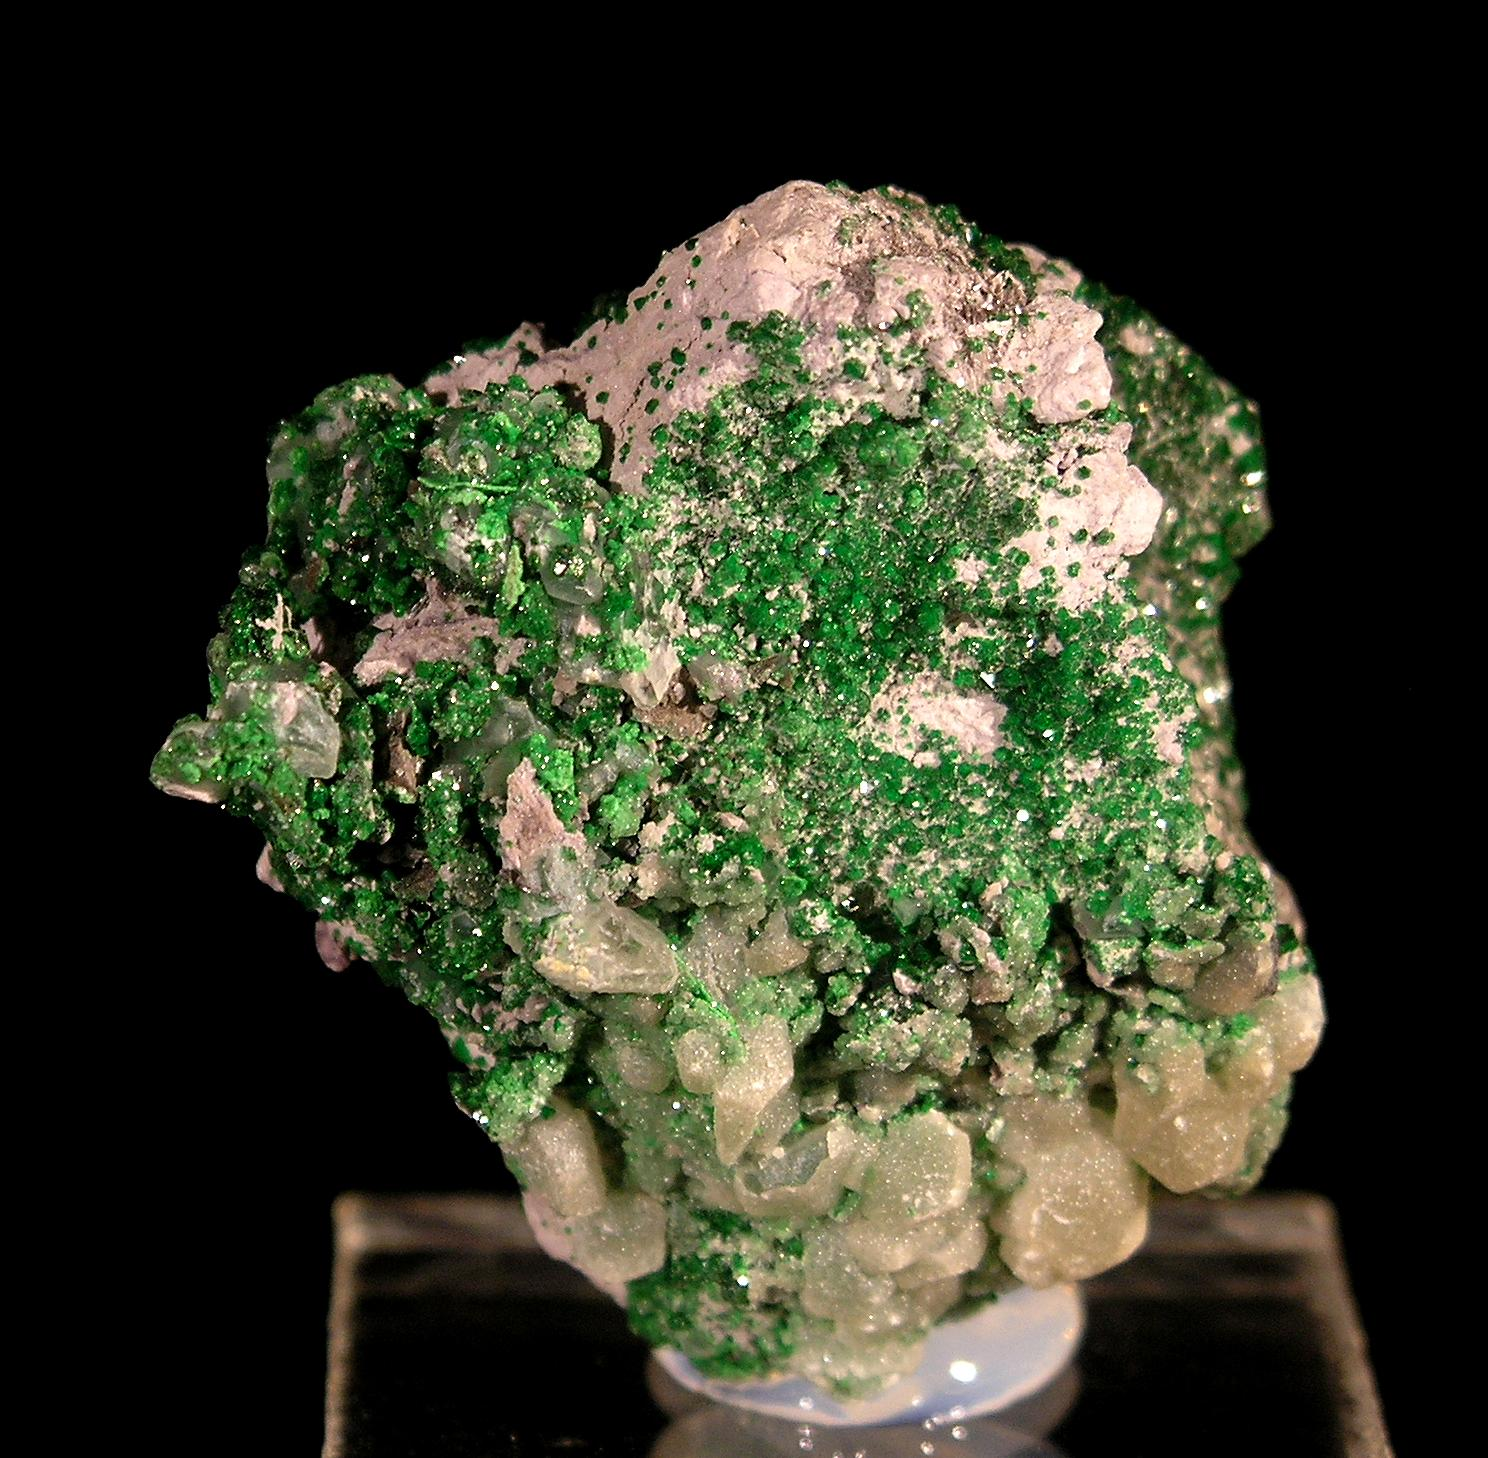 Shuiskite Uvarovite Chromite, Sarany Urals Russia